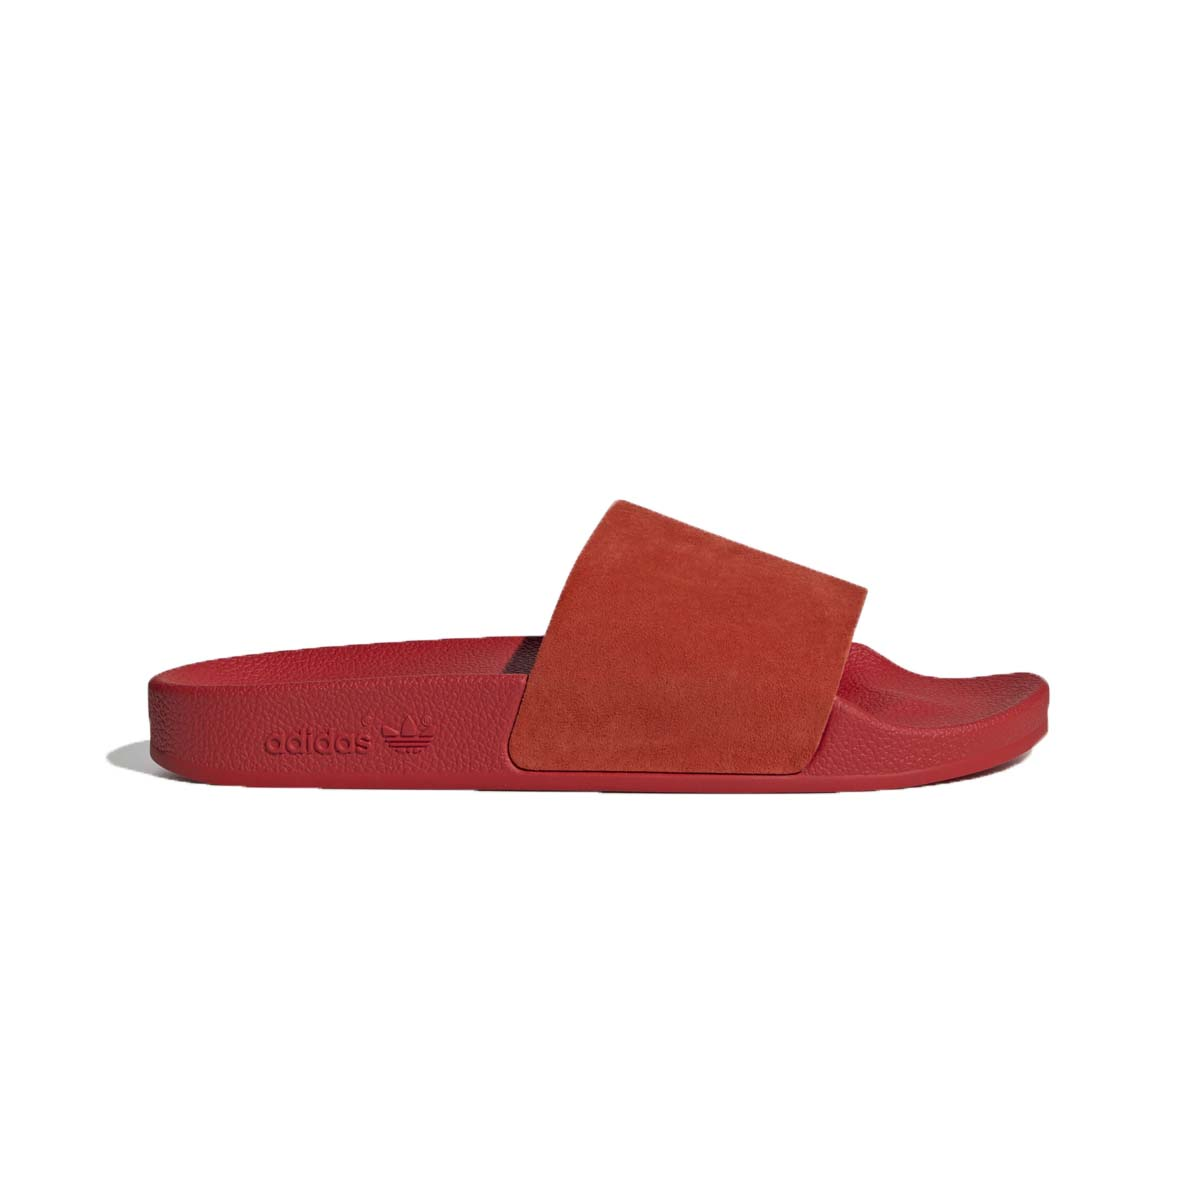 Adilette Slides Red - נשים Adidas